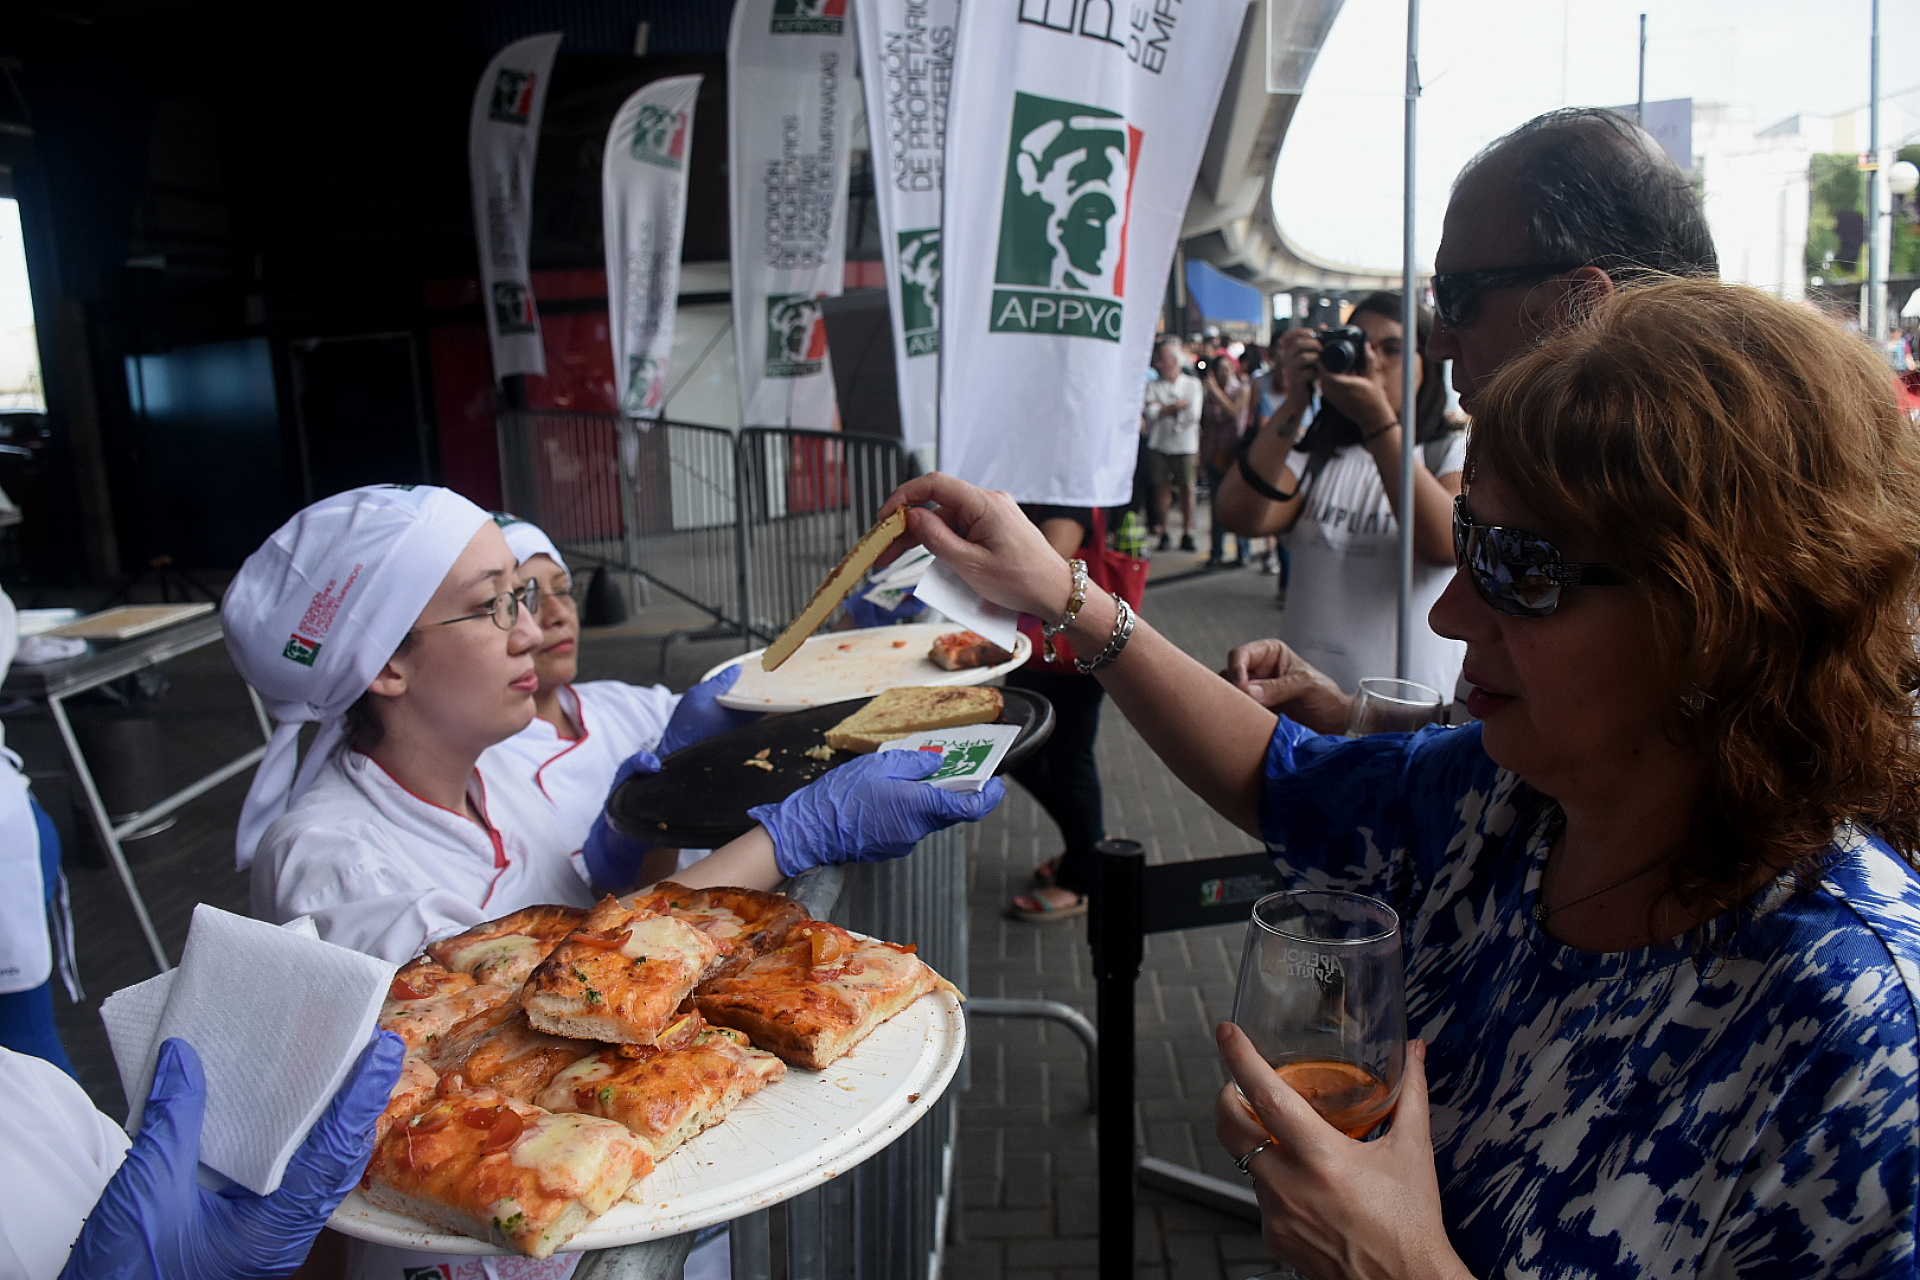 """Las pizzas fueron uno de los grandes protagonistas del día. APPYCE, la Asociación de propietarios de pizzerías y casas de empanadas con una degustación gratuita de """"pizza al taglio"""" (pizza al corte al estilo romano) en variantes creativas inspiradas a la ciudad de Génova (cebolla, pesto y otras)"""